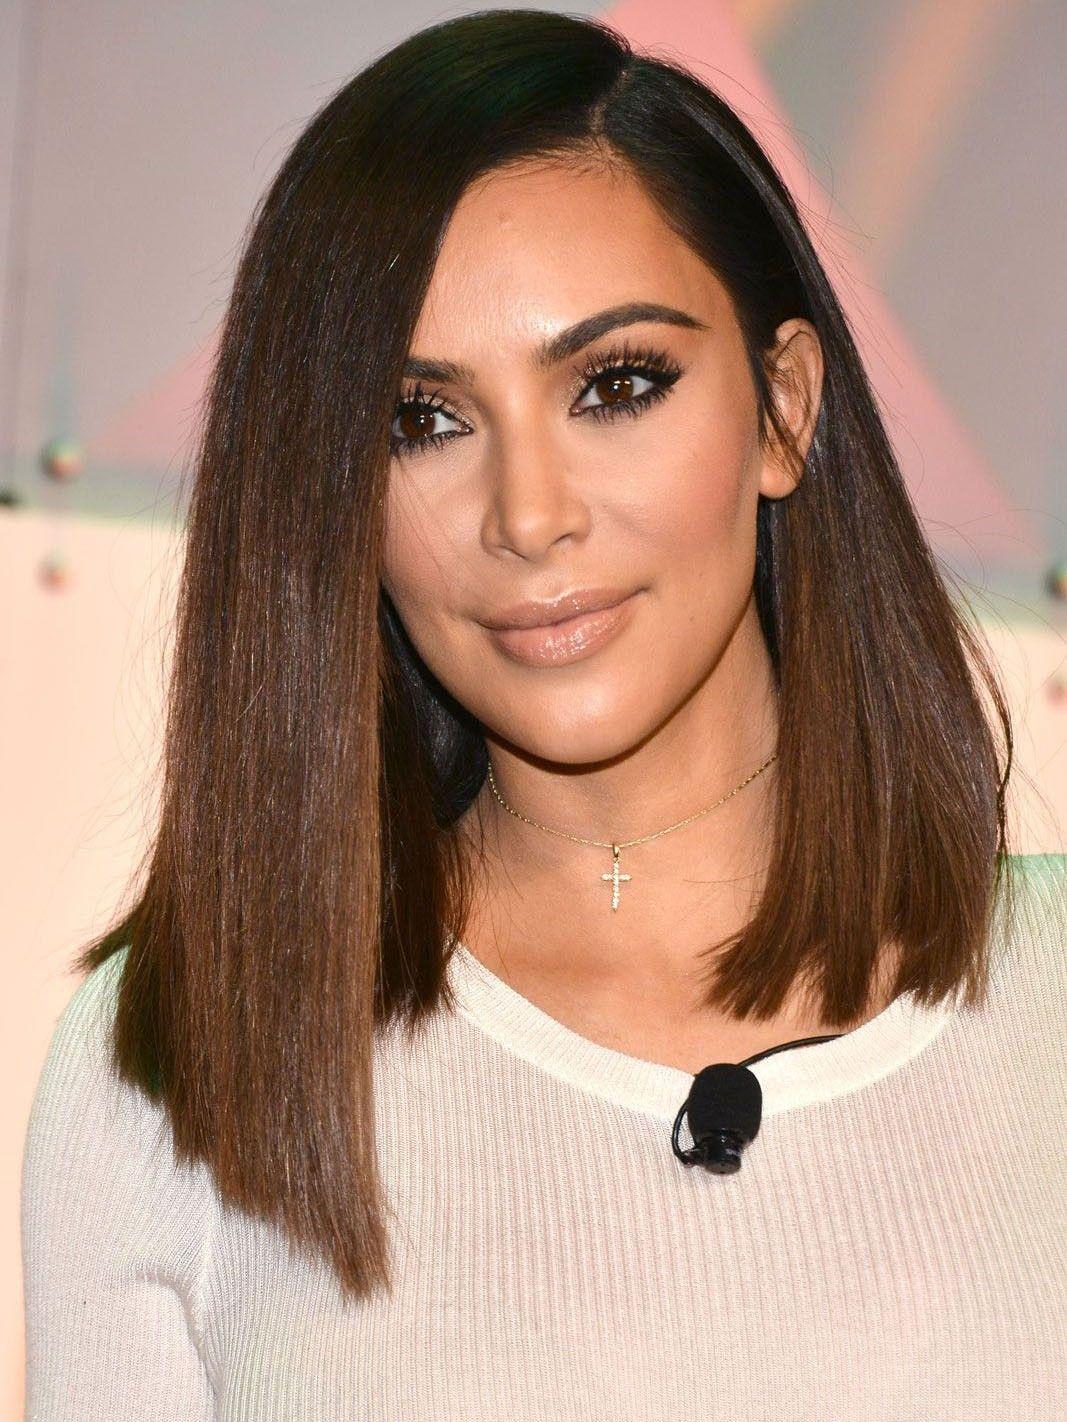 Pin By Fashion Tattoos Hair On Bob Hairstyles Medium Bob Hairstyles Long Bob Hairstyles Kim Kardashian Hair